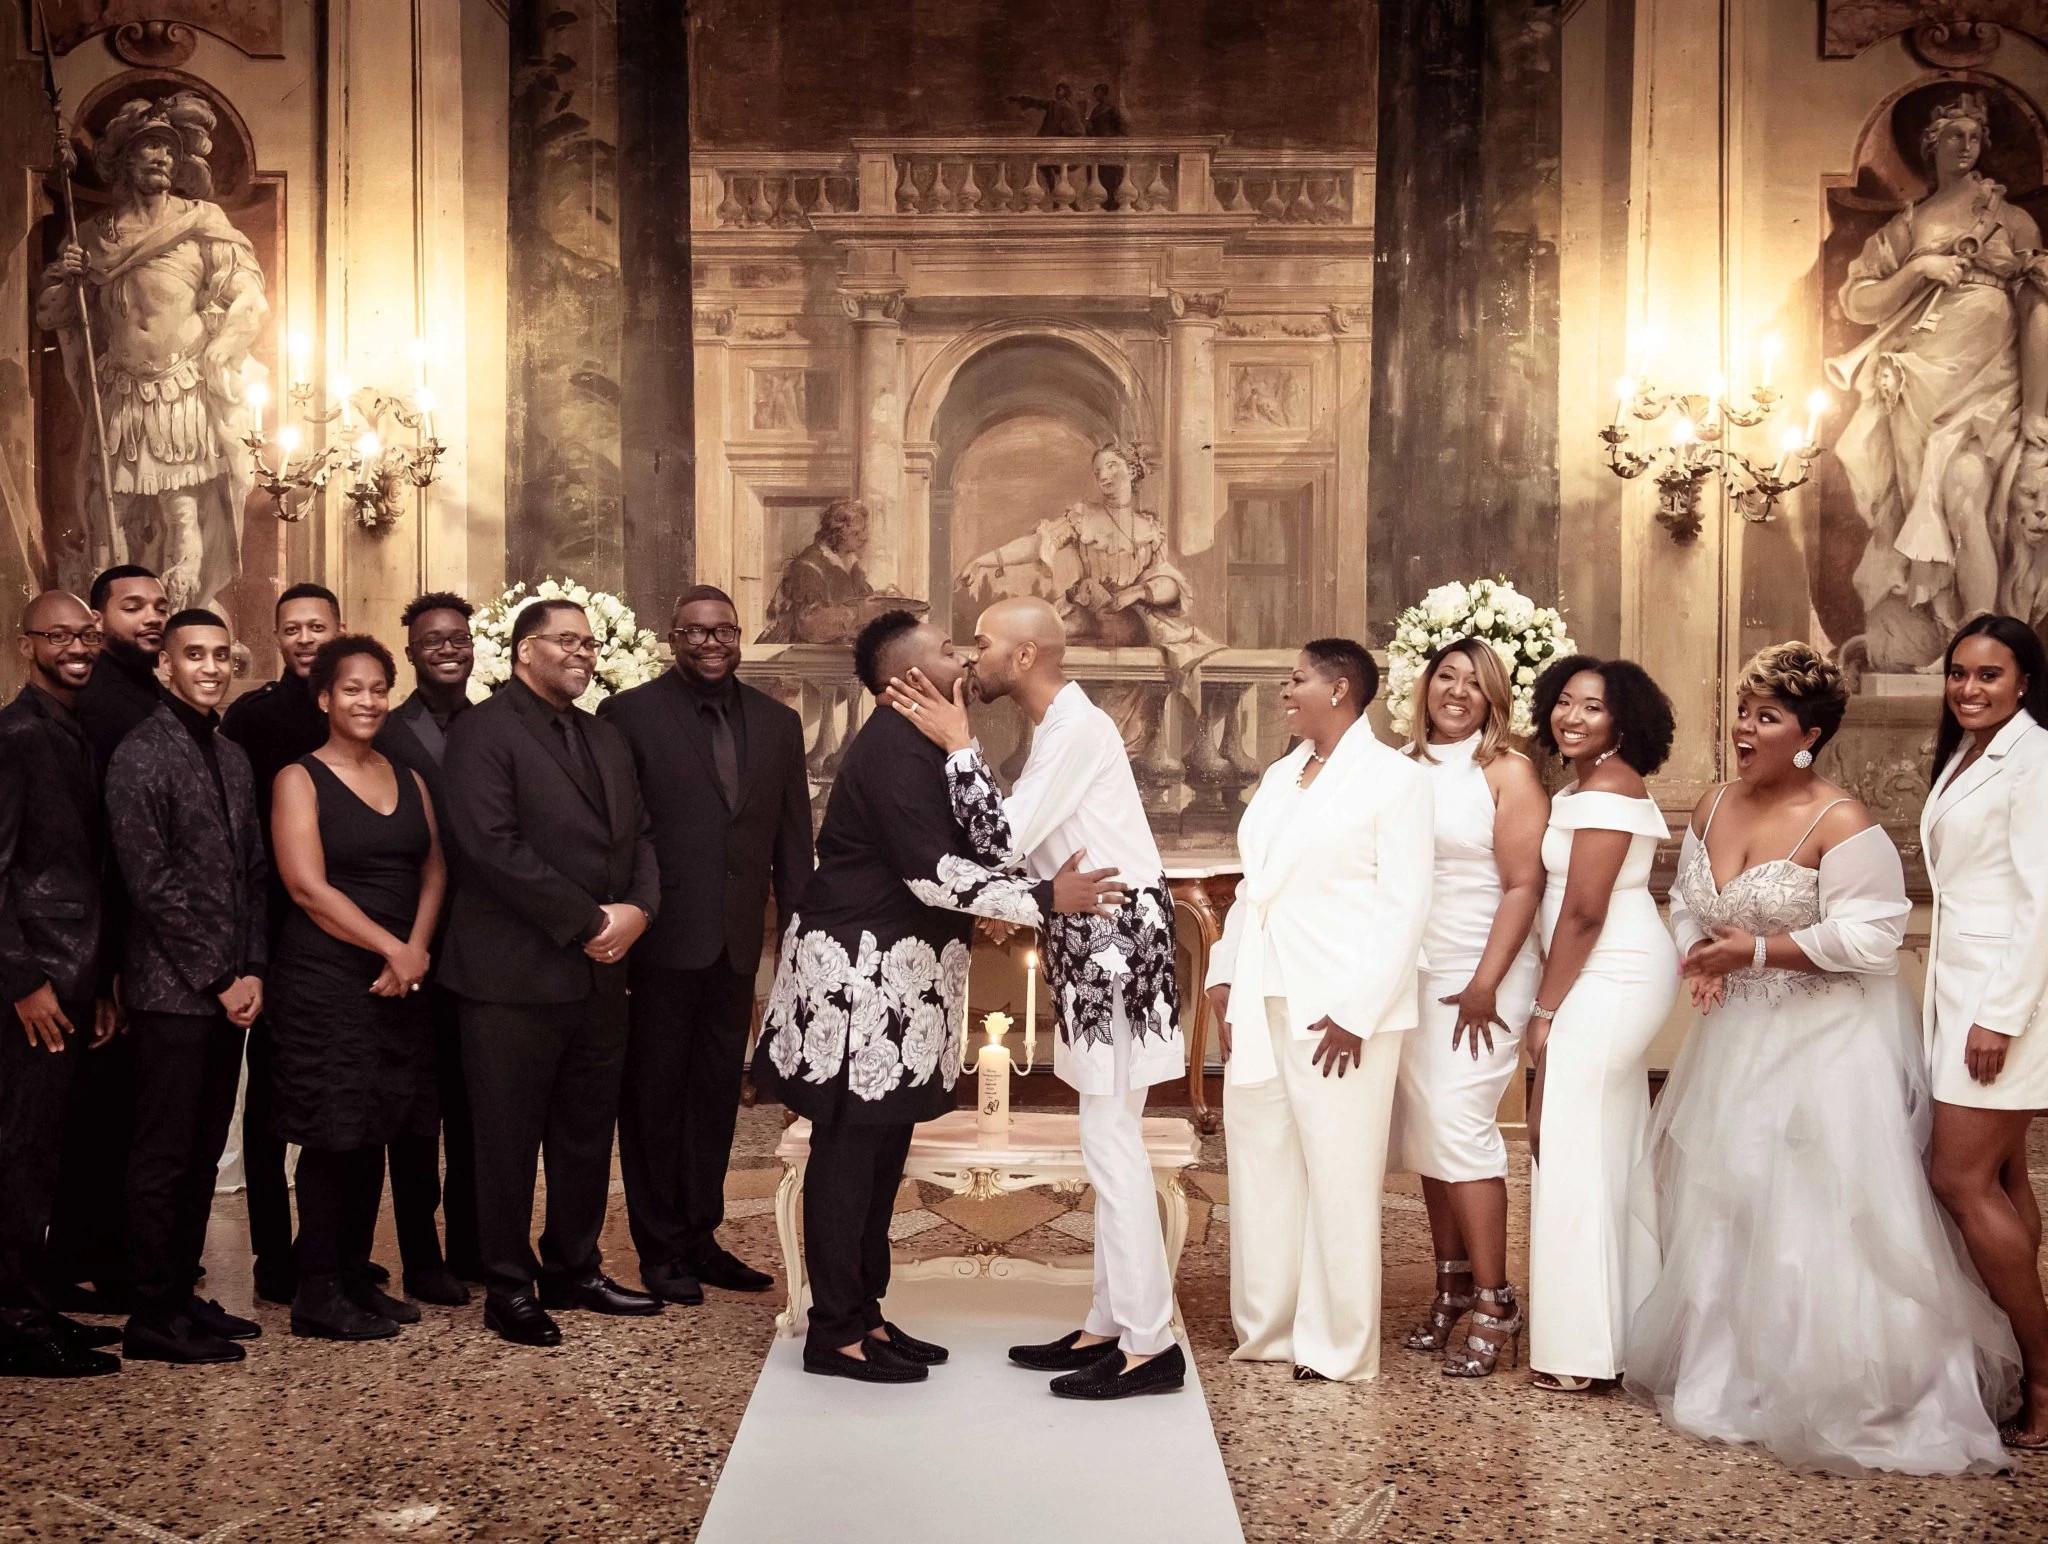 大卫和约翰尼的婚礼初吻